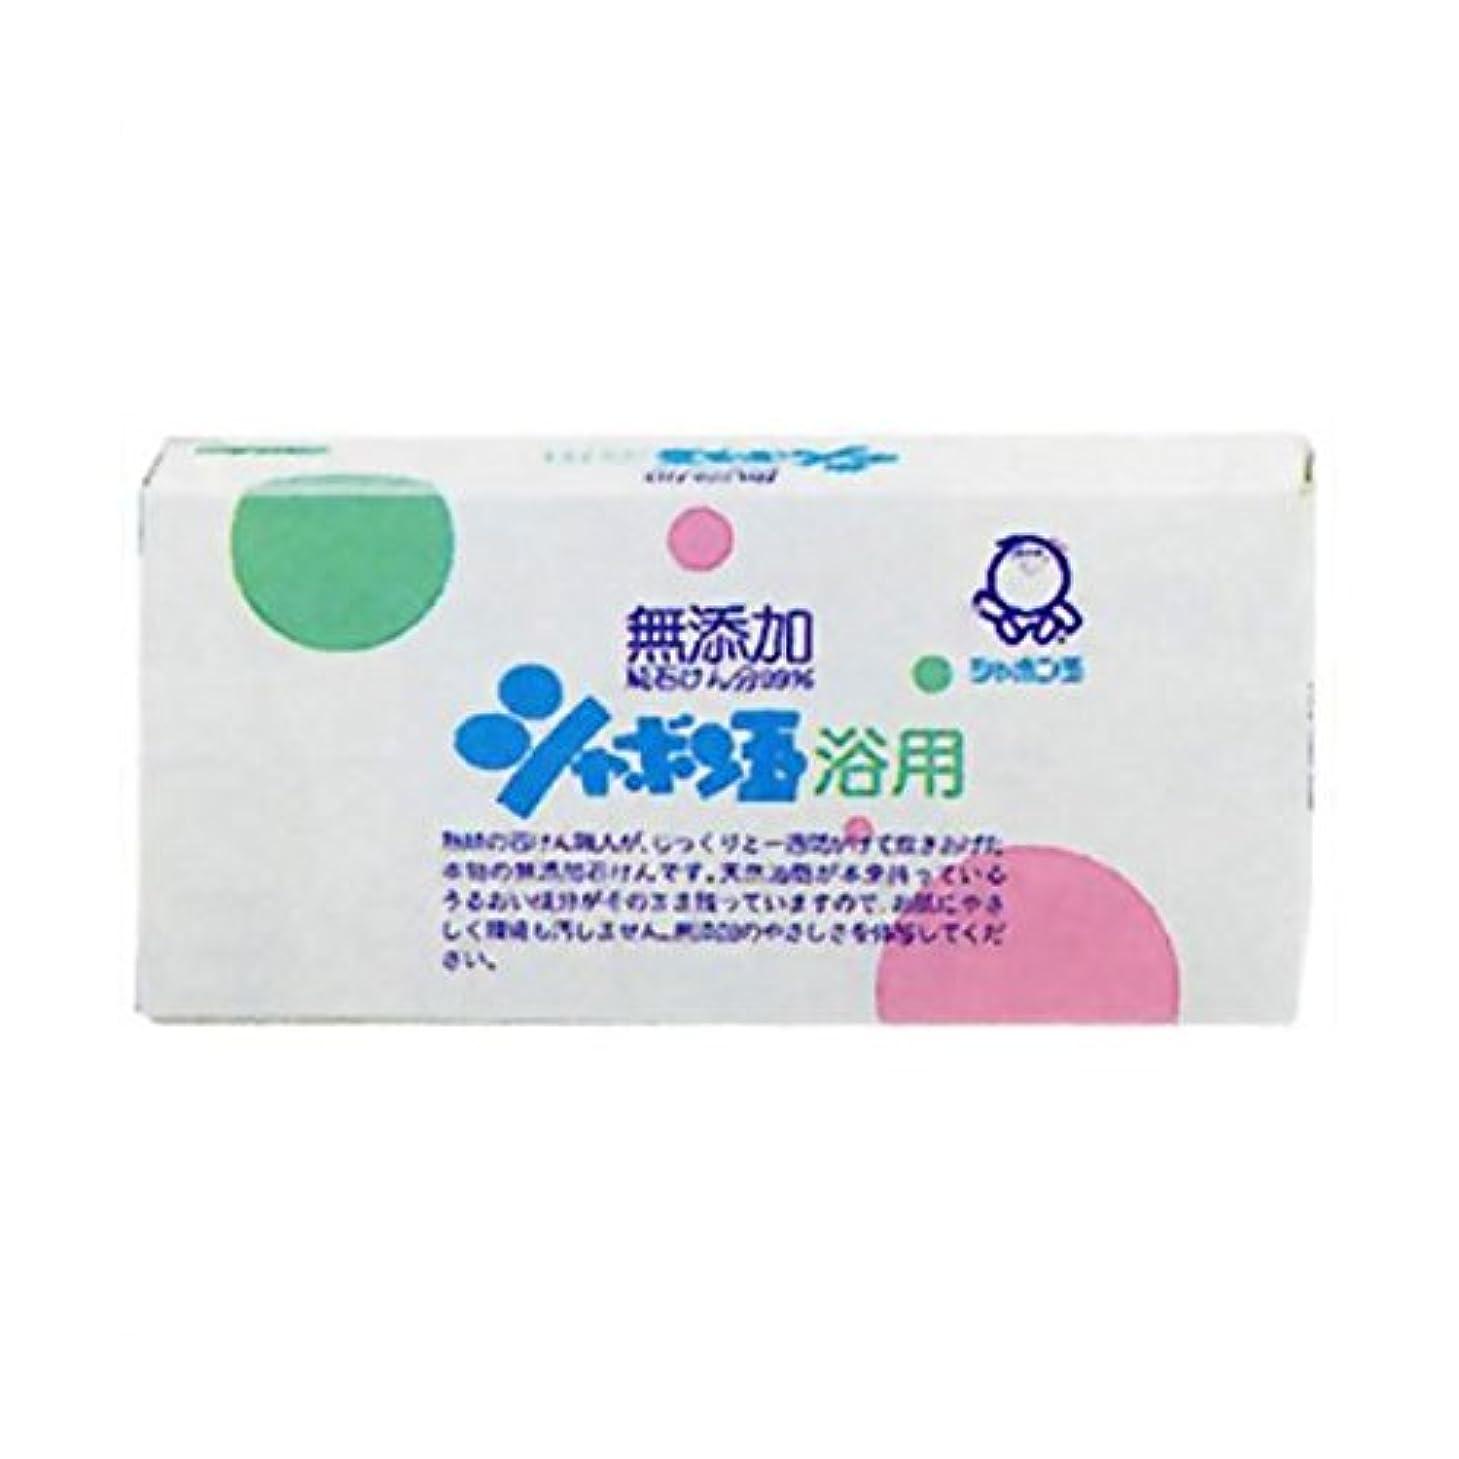 一致塗抹後方に【お徳用 15 セット】 シャボン玉 浴用 石けん 100g×3個入(無添加石鹸)×15セット